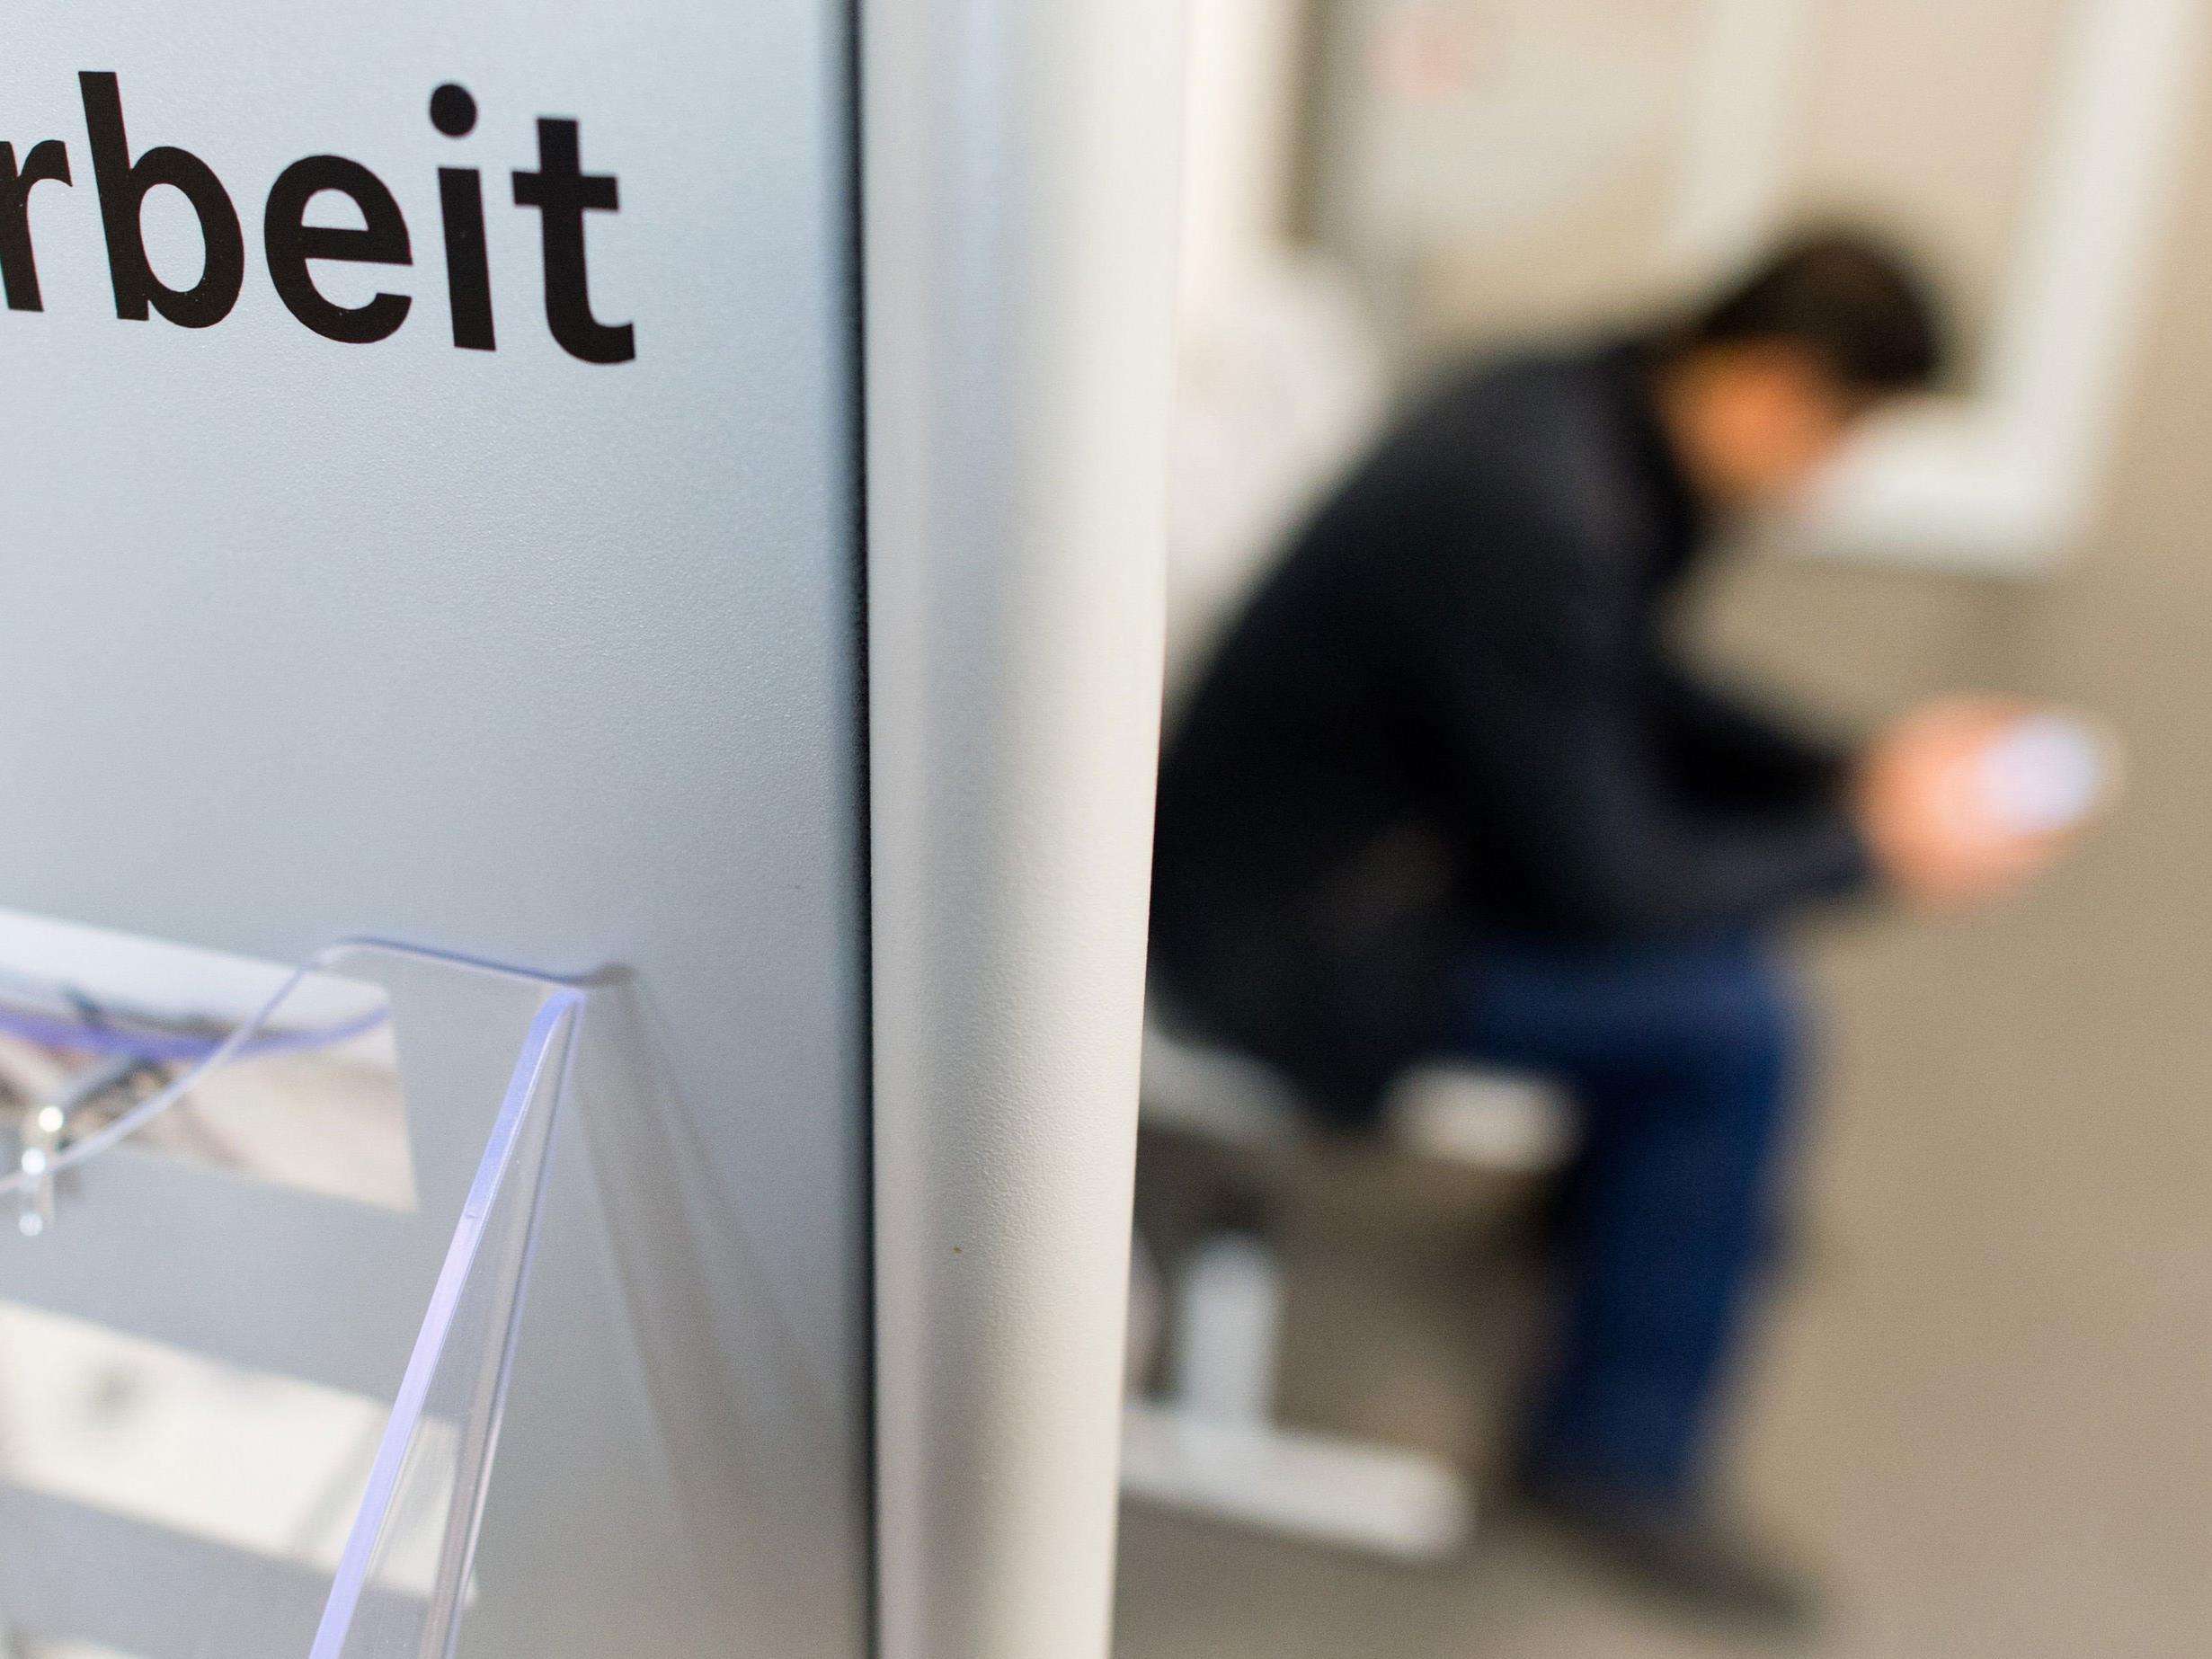 Auch im Dezember gibt es keine positiven Nachrichten zur Arbeitslosigkeit in Österreich.